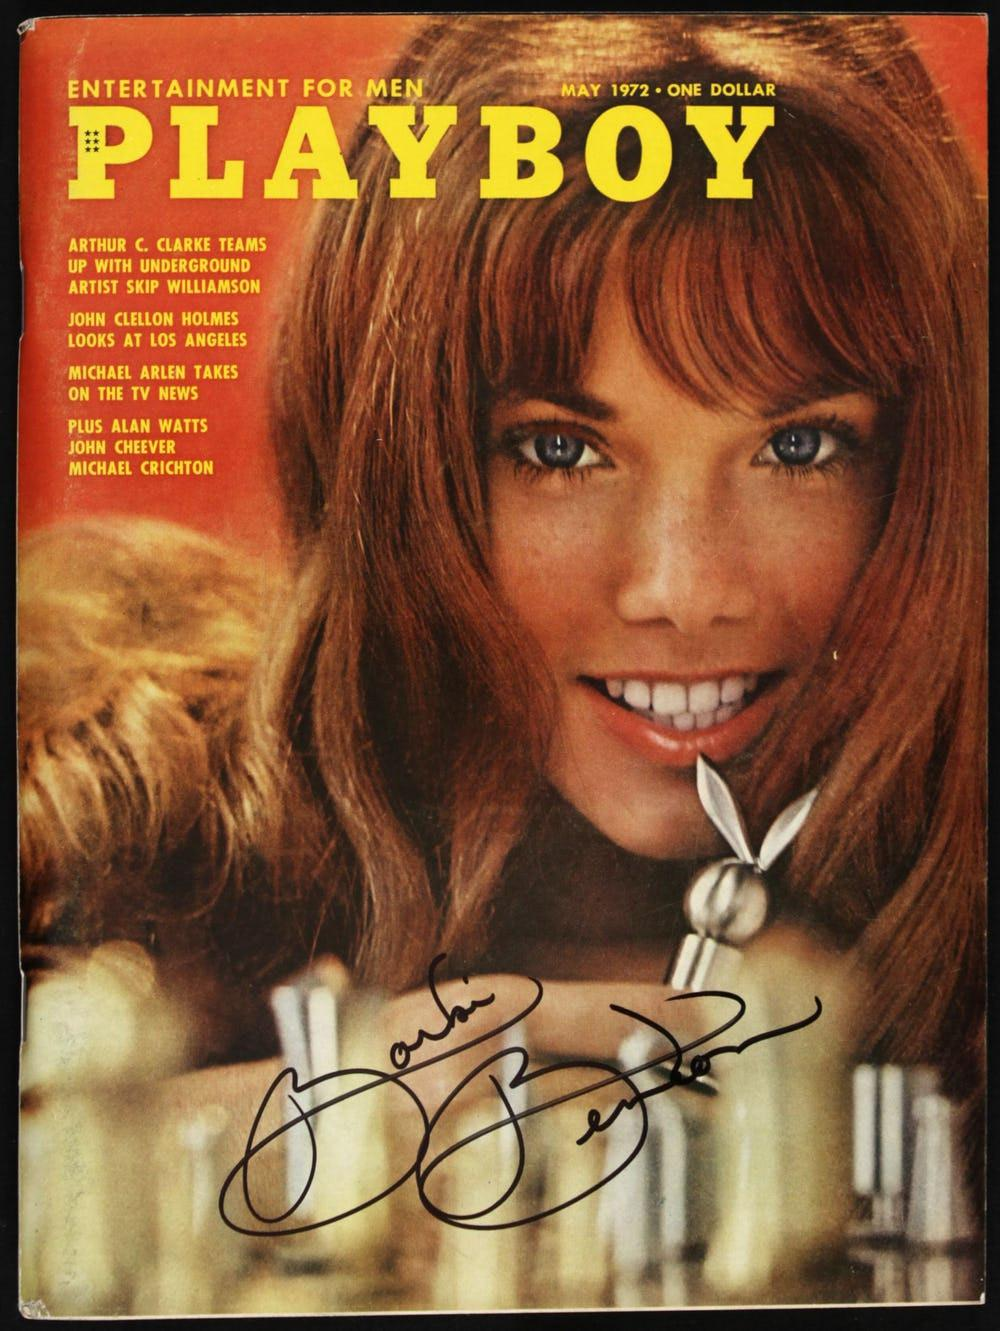 Model Playboy Barbi Benton saat berpose menjadi model cover (Foto: therichest.com)